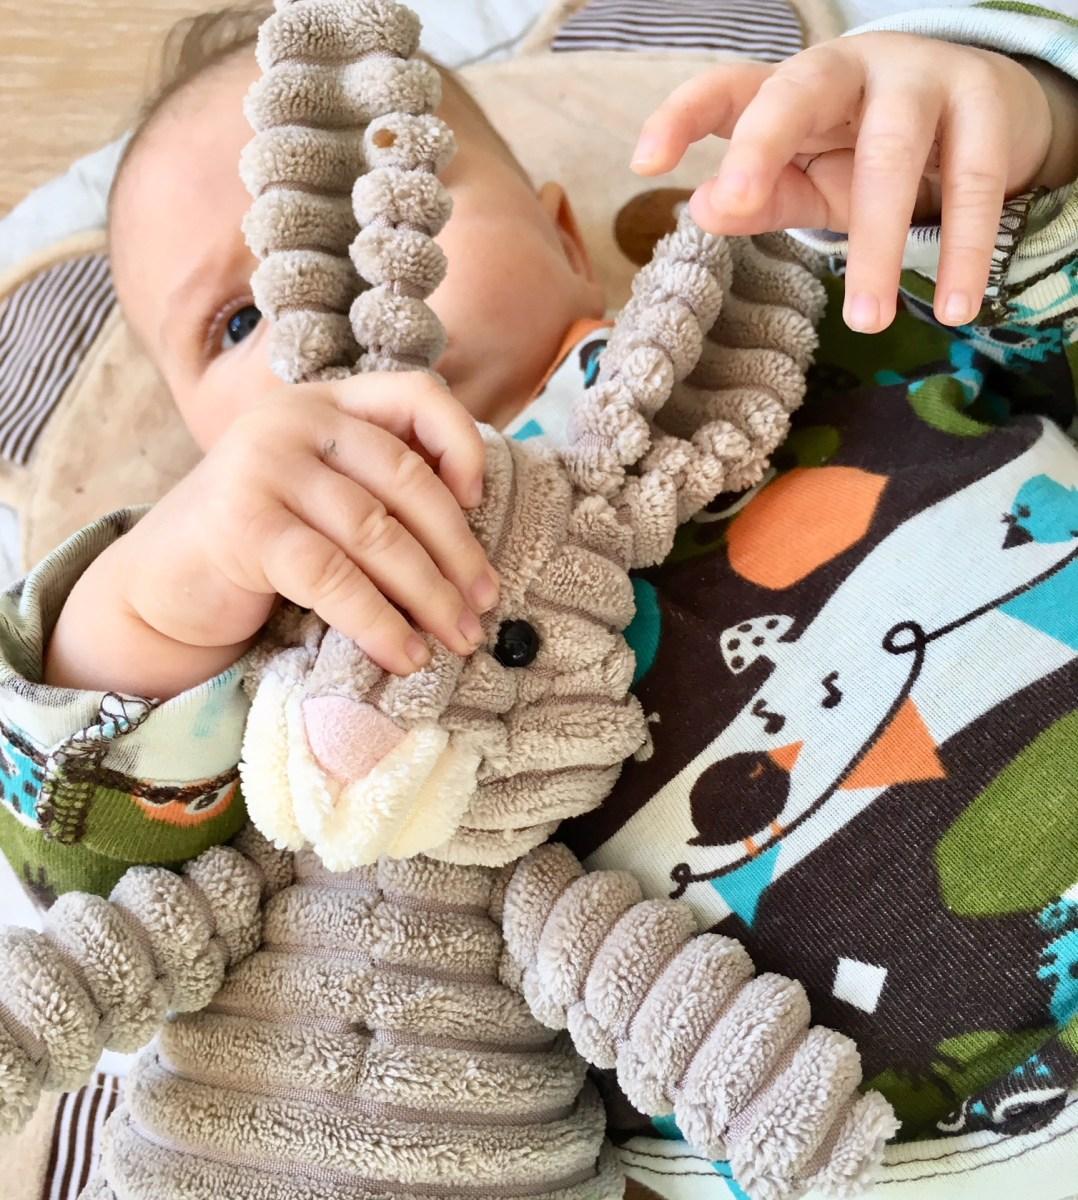 Drei Monate dreifach Mutter: Wie sich das Leben mit drei Kindern verändert.